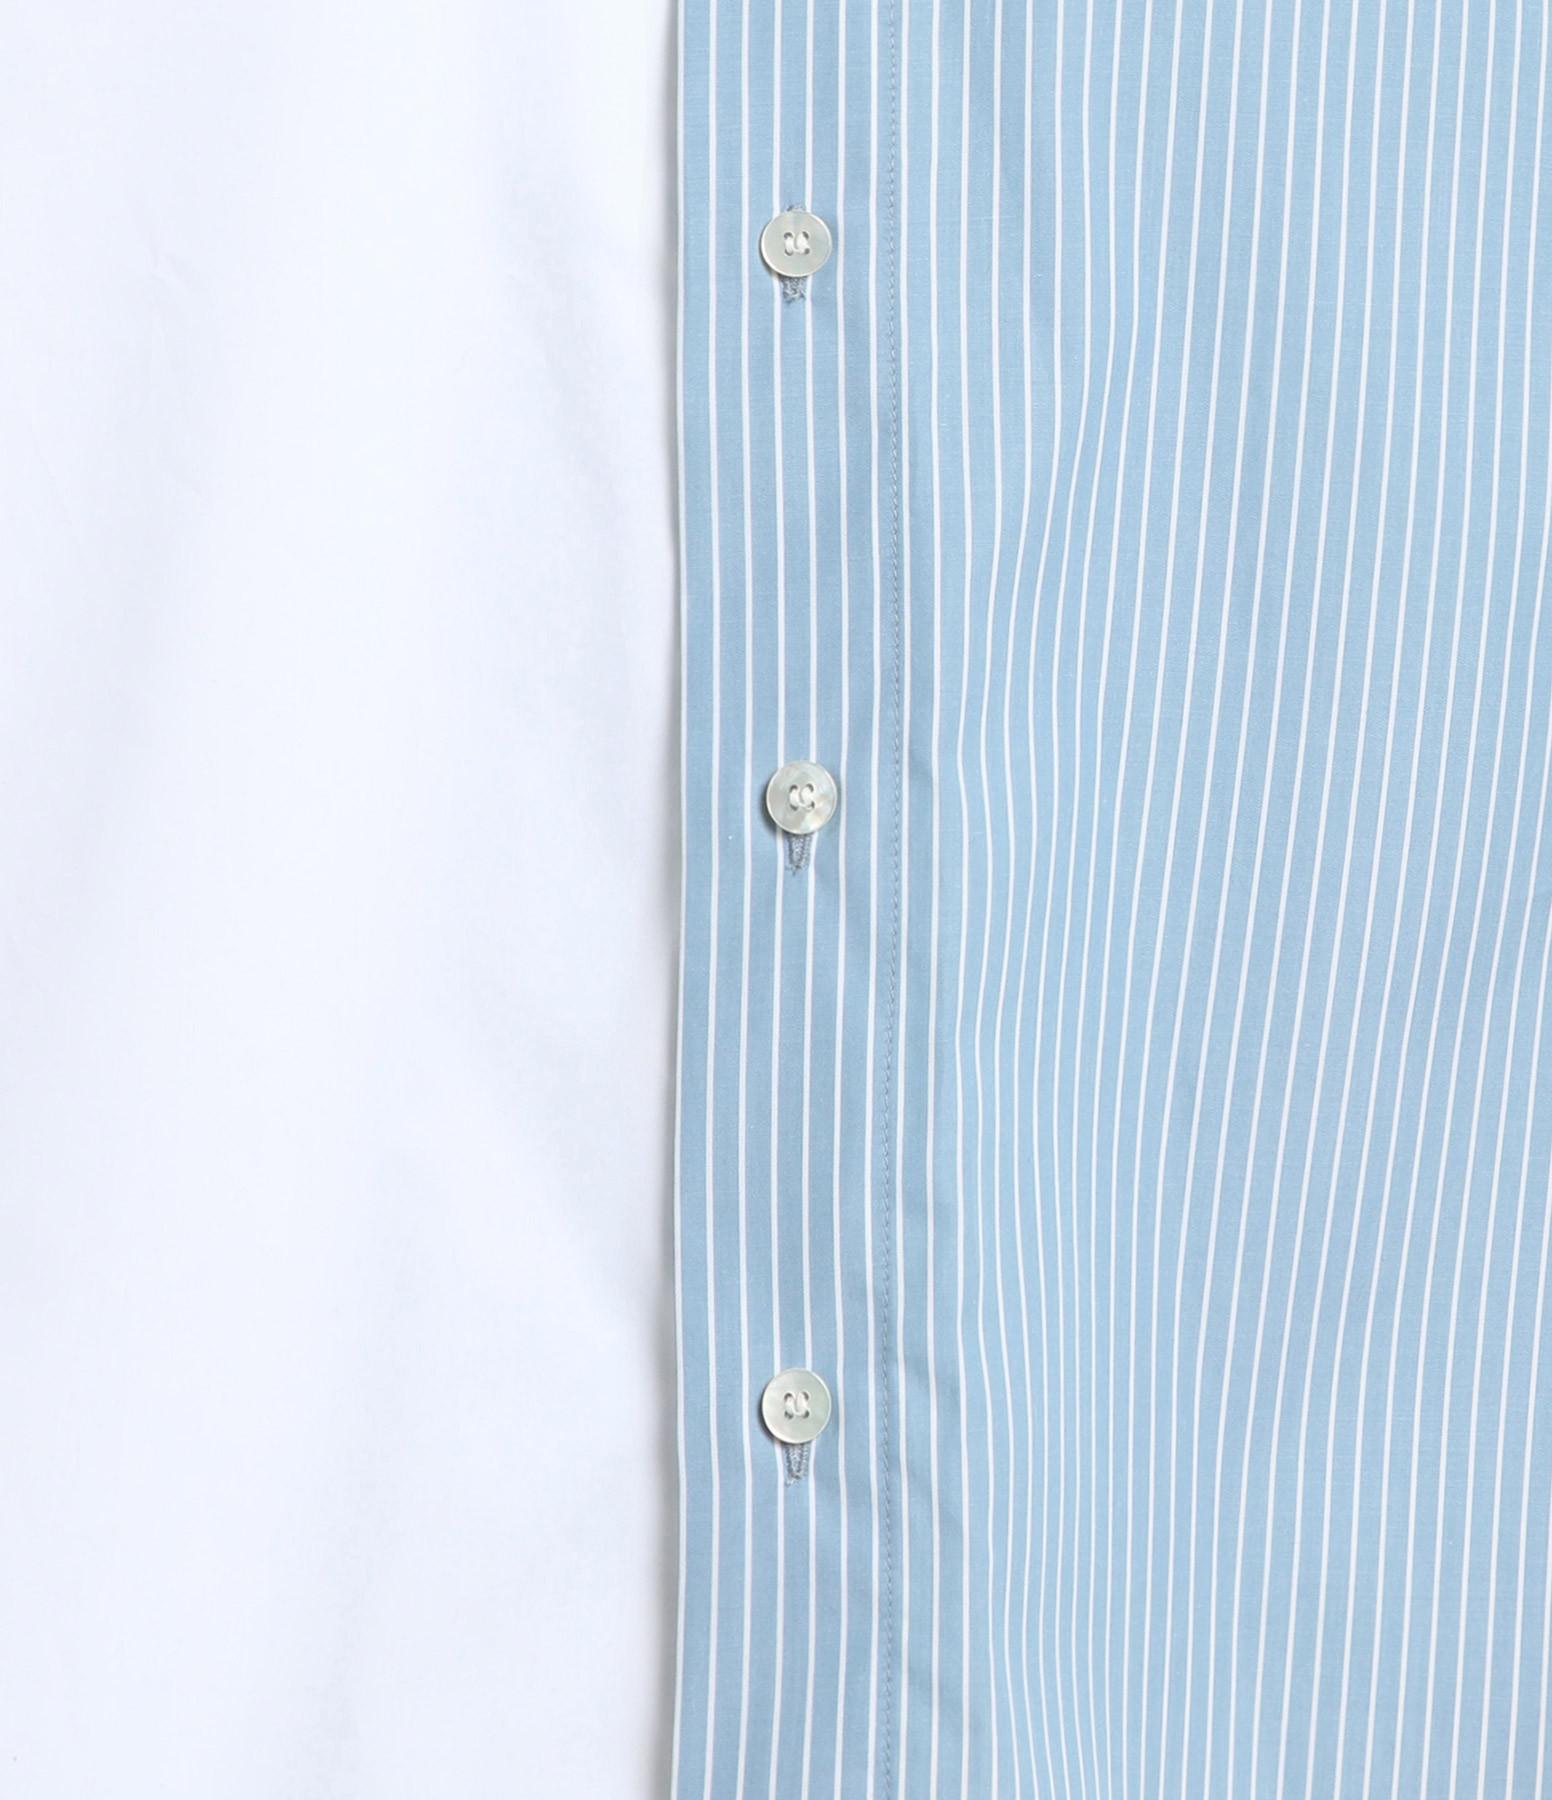 MM6 MAISON MARGIELA - Robe Chemise Loose Rayures Blanc Bleu